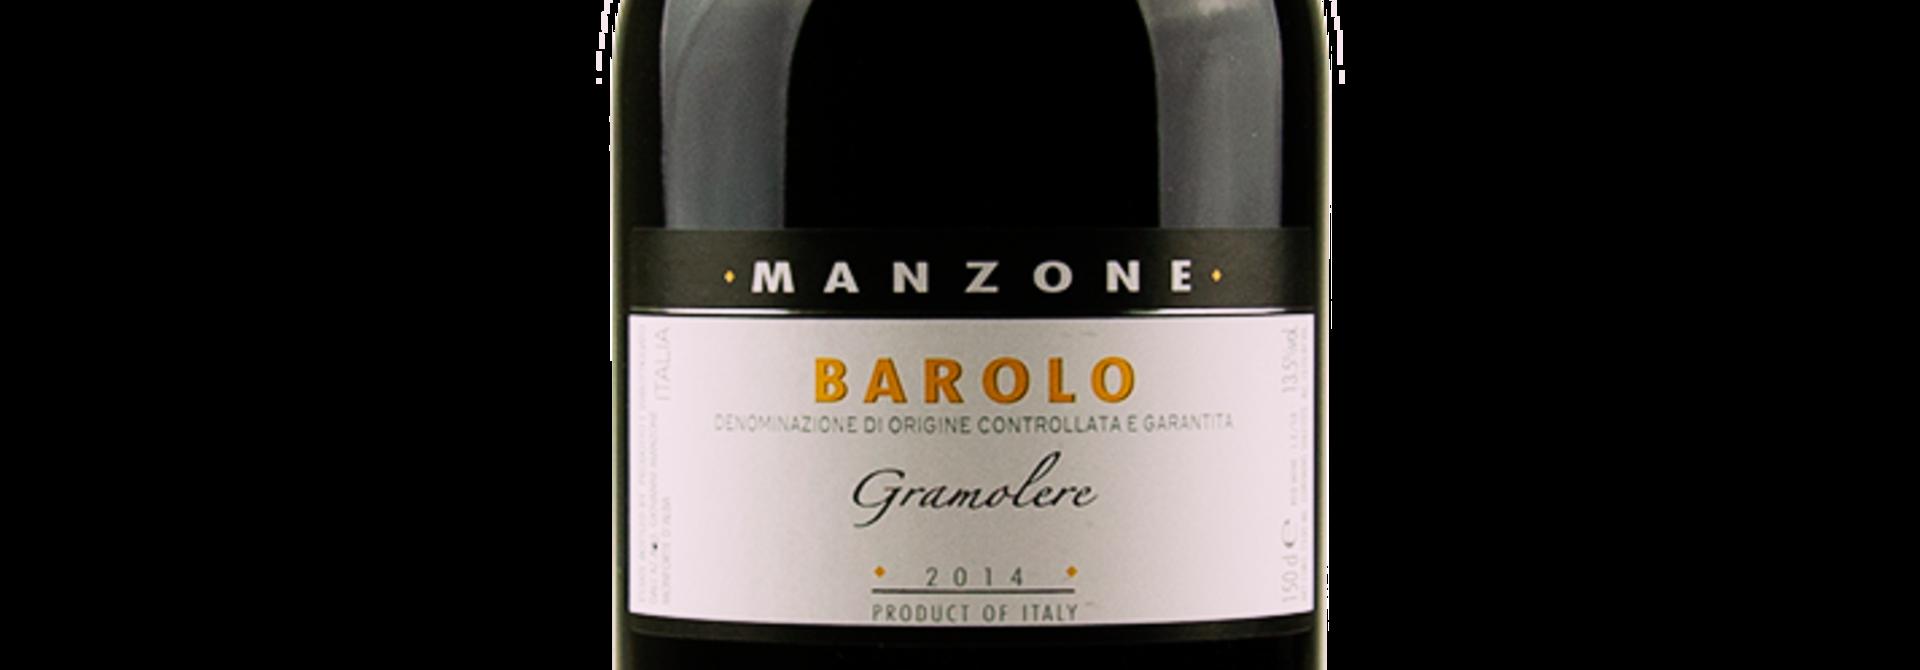 Barolo Gramolere 2014 Magnum, Giovanni Manzone